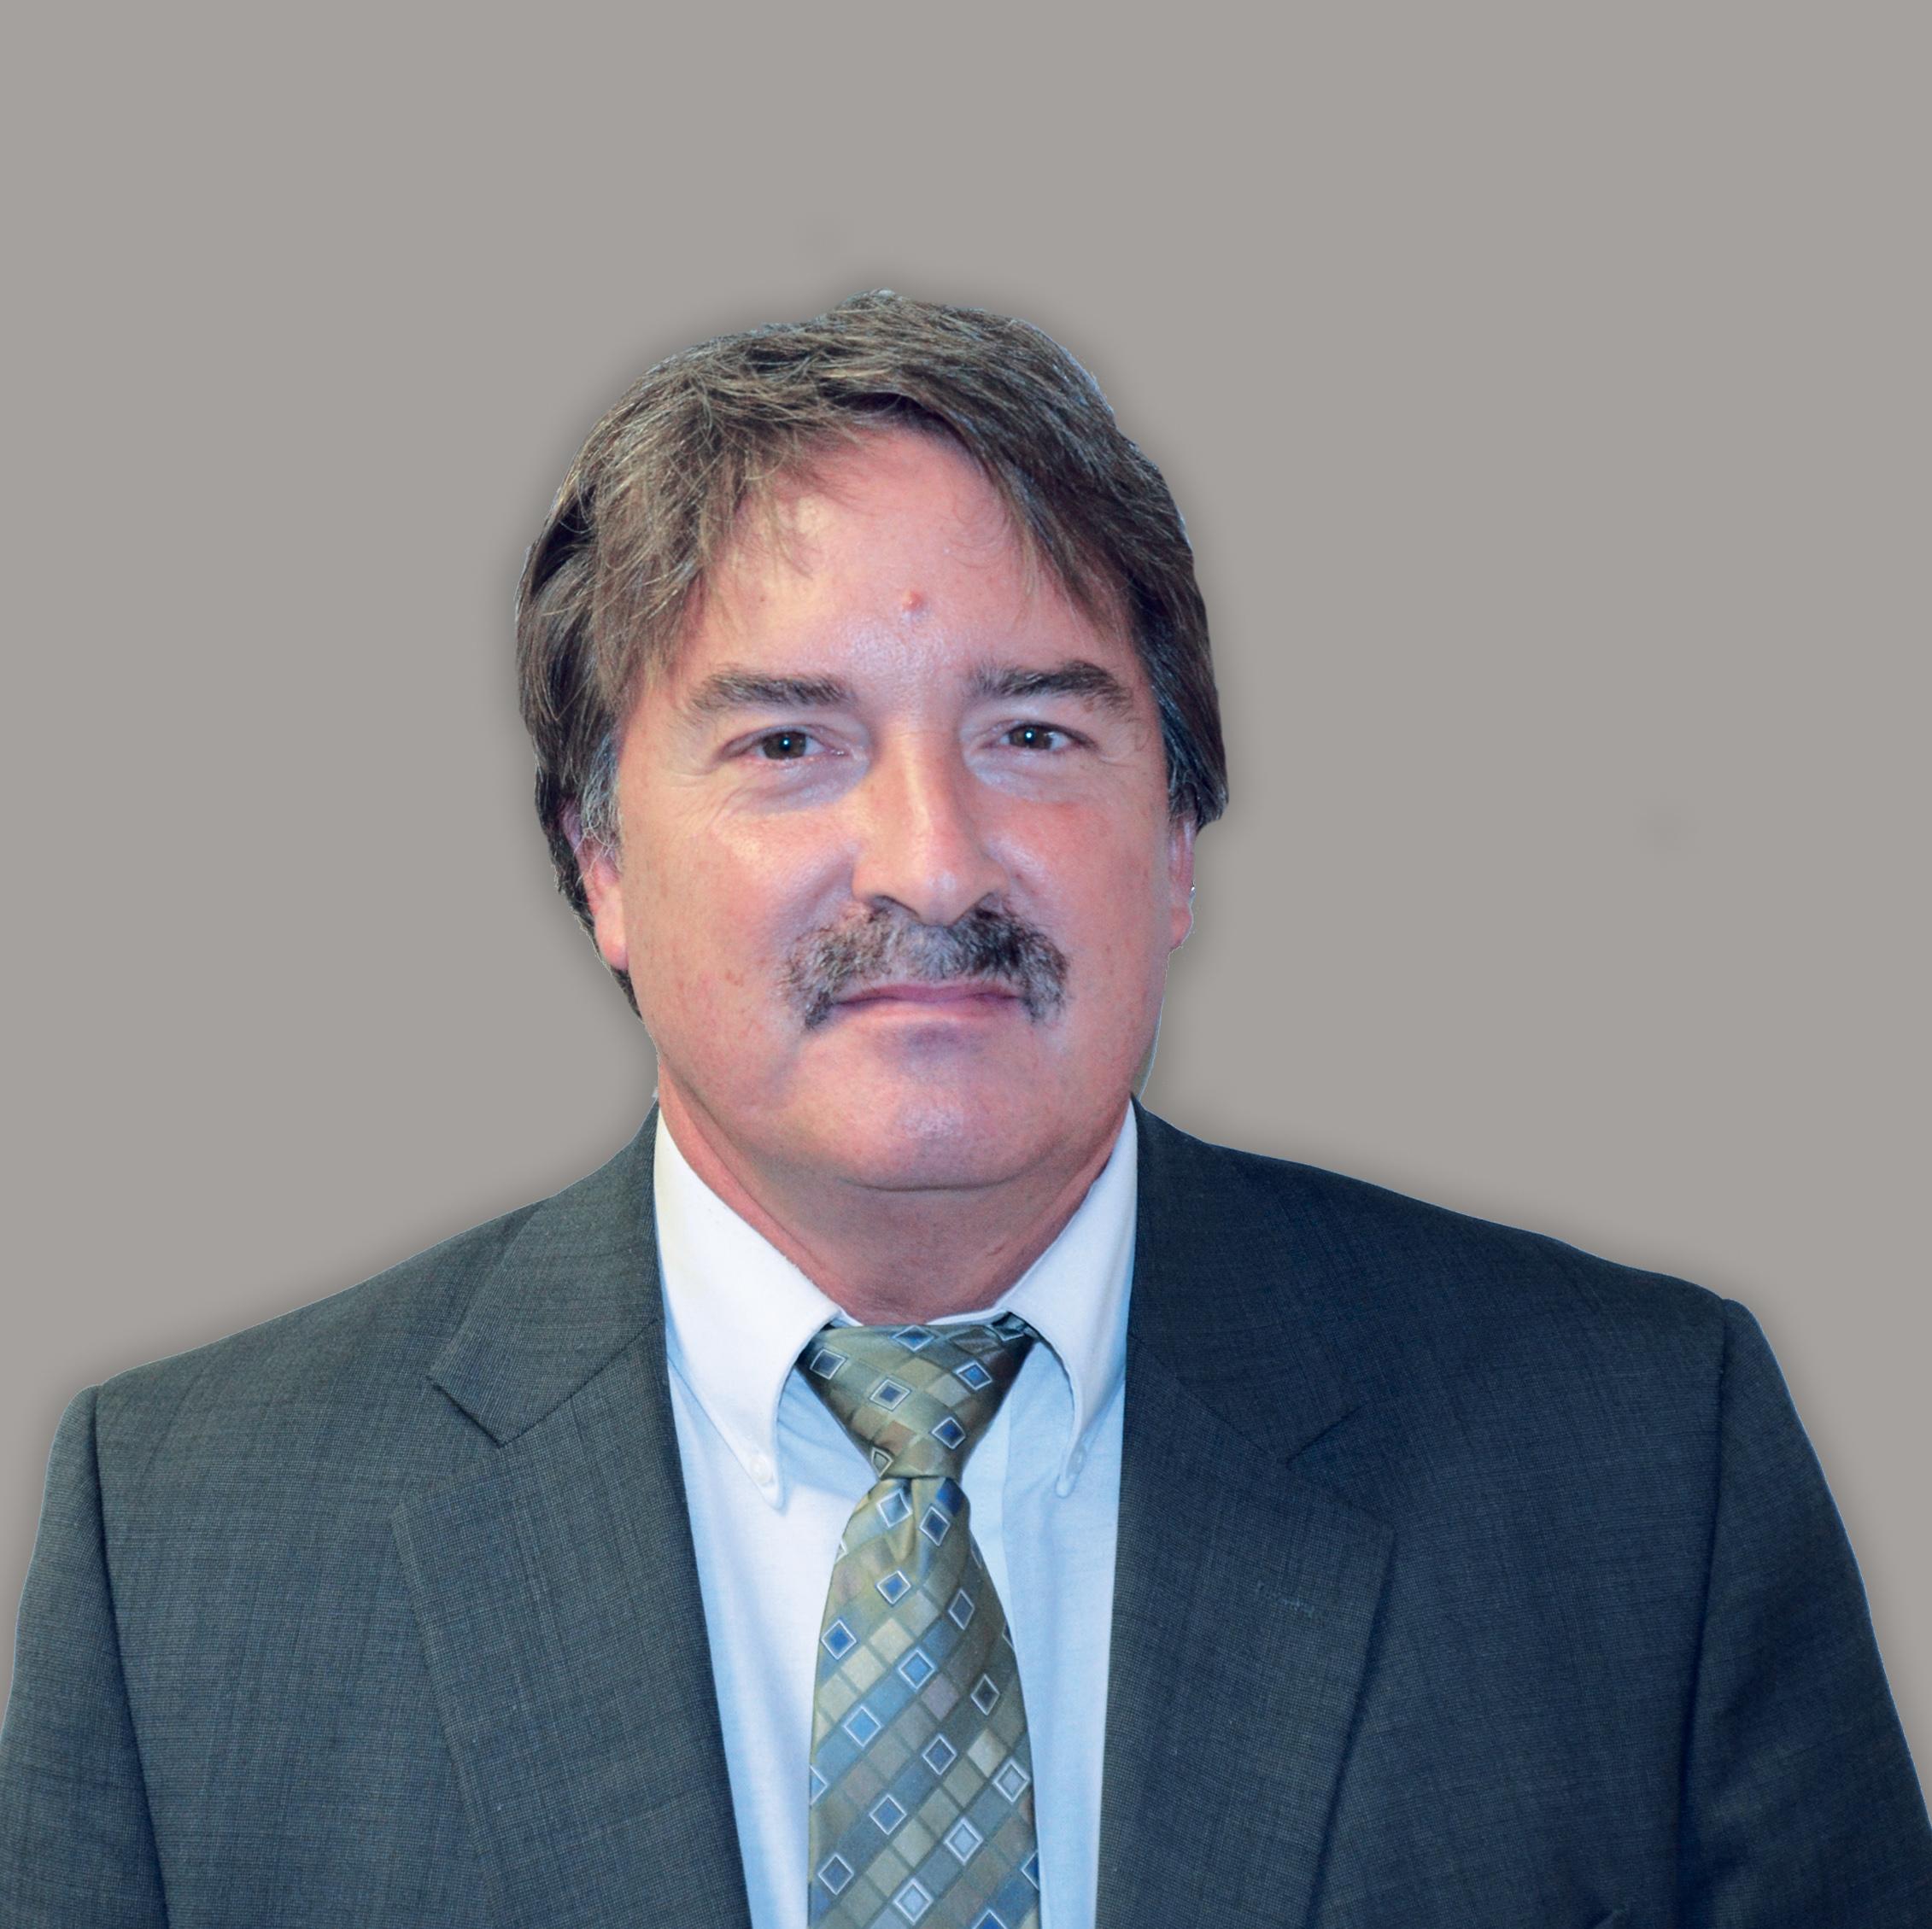 Dave Kytta - Account Executive